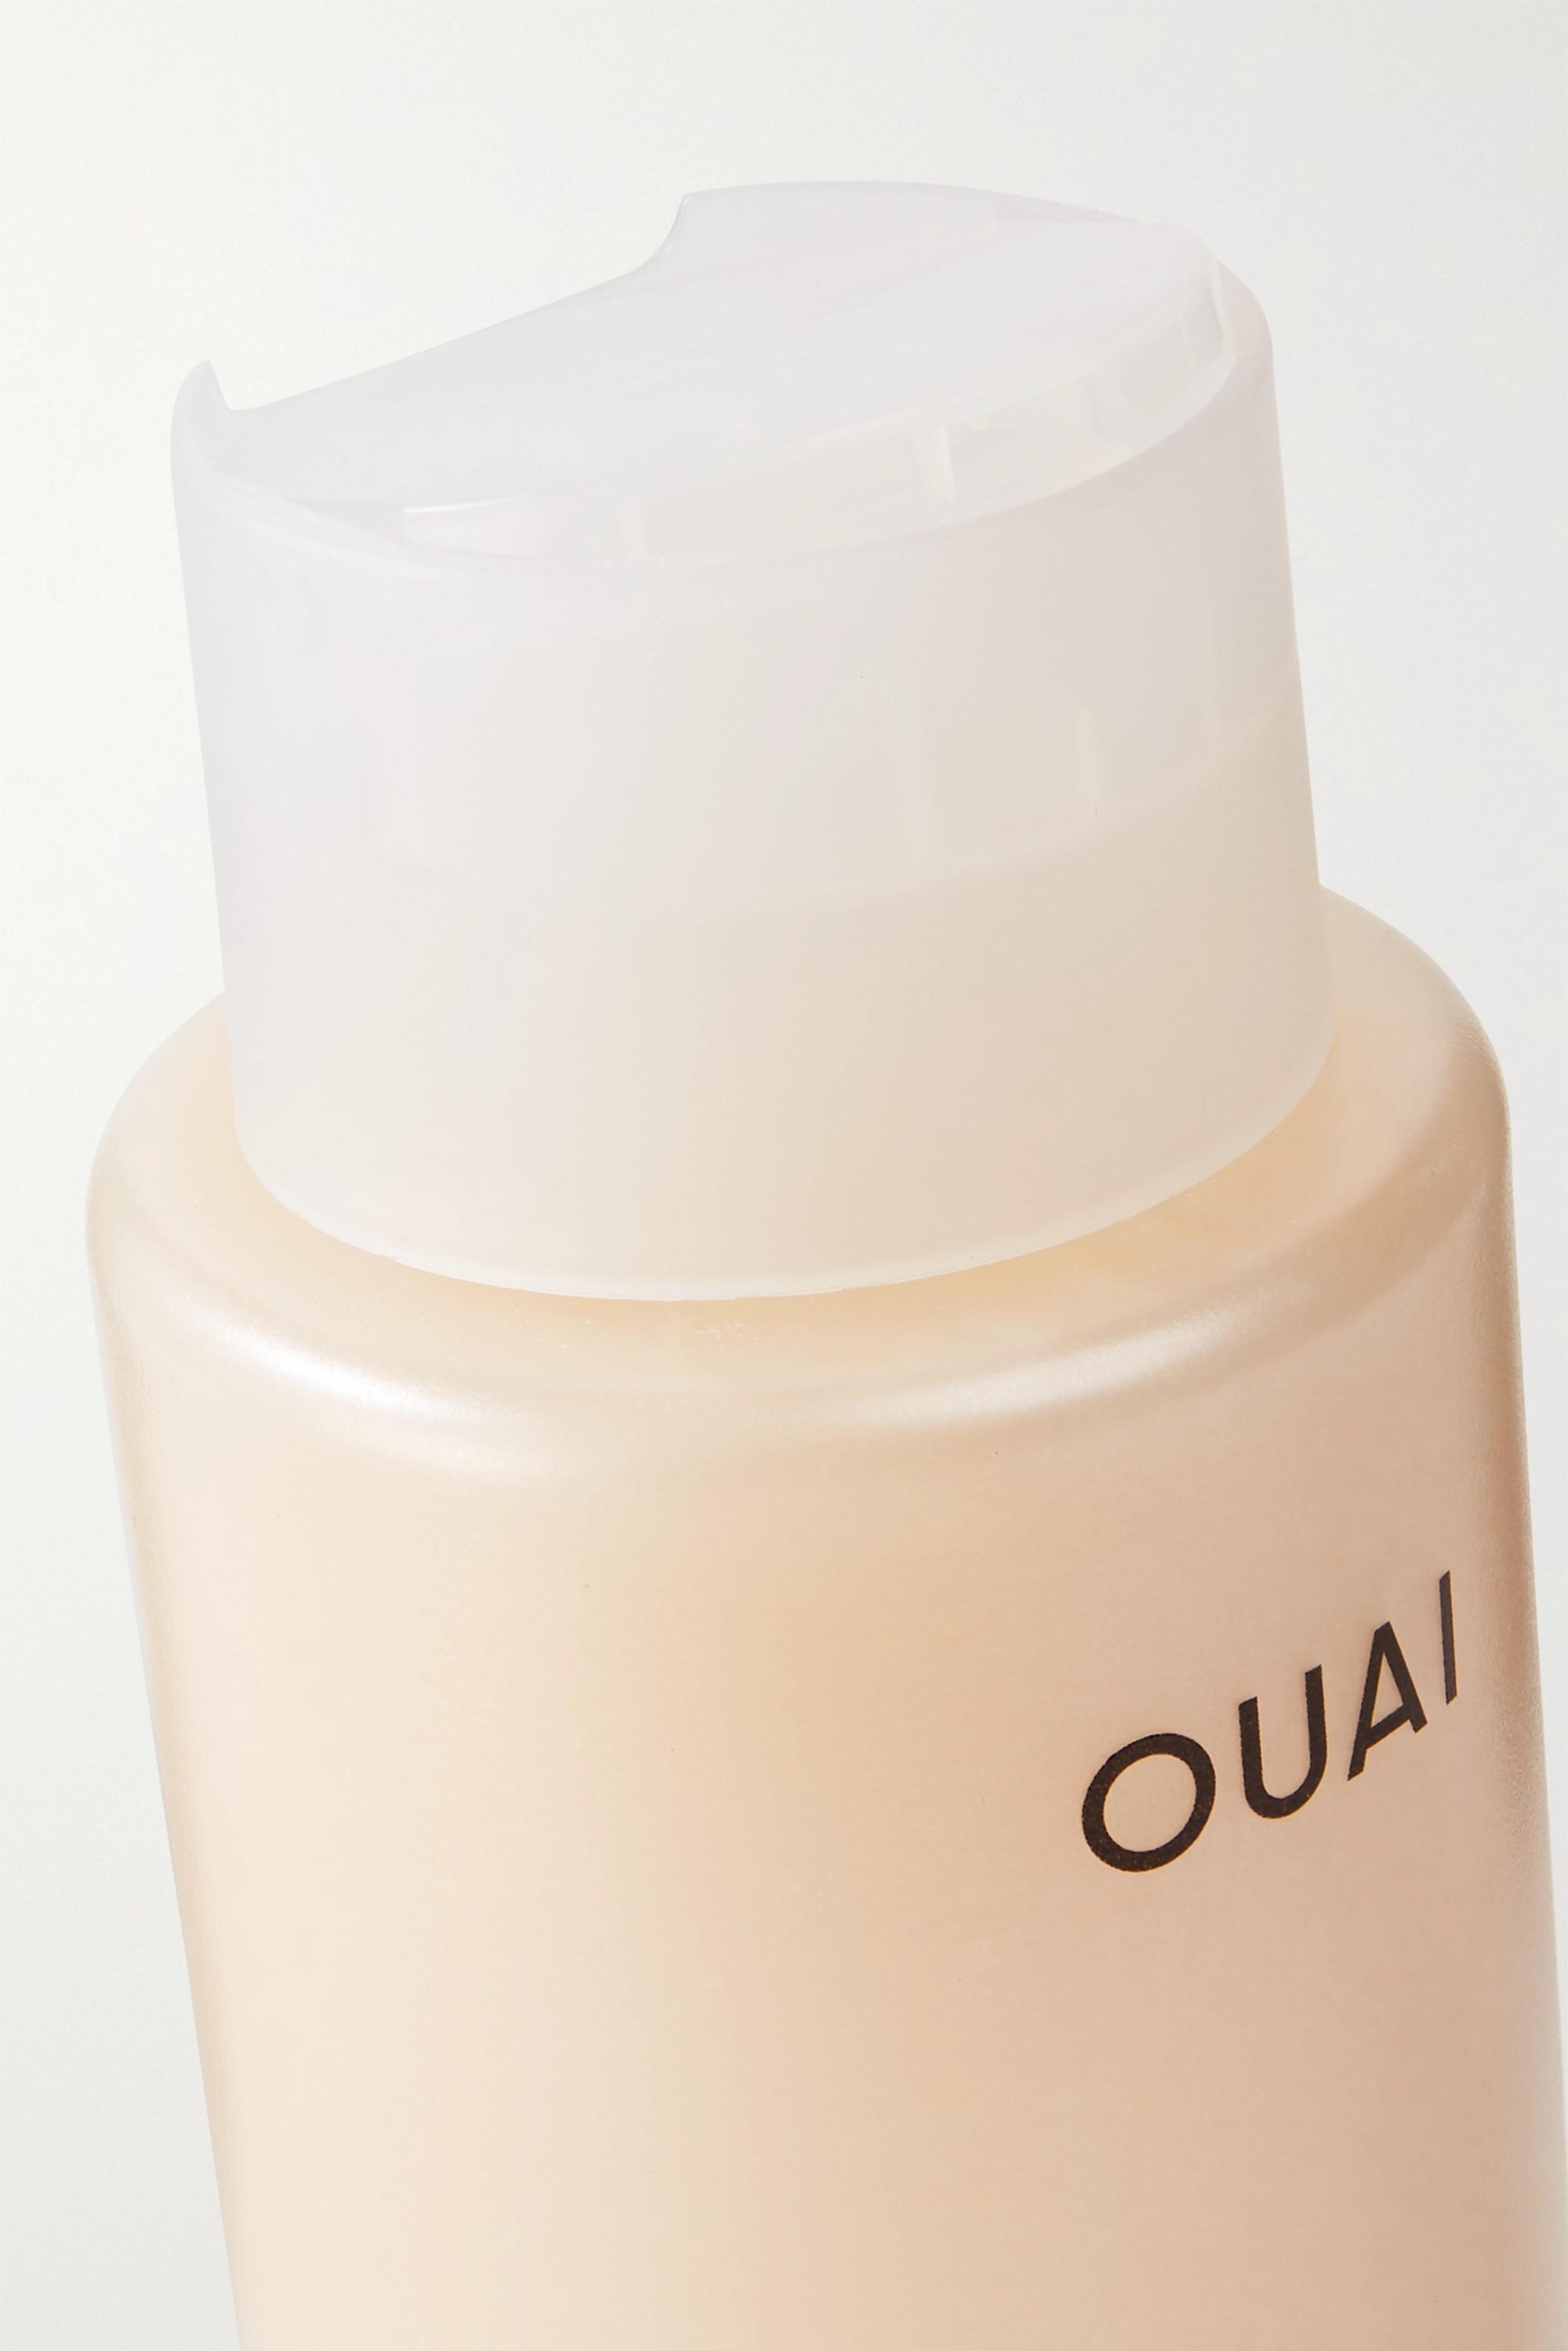 OUAI Haircare Medium Hair Shampoo, 300 ml – Shampoo